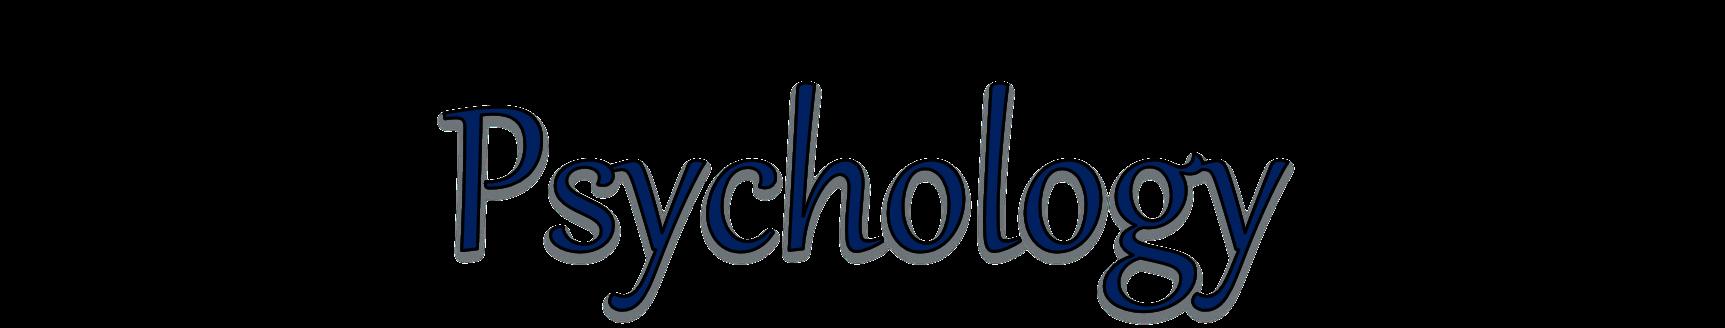 Psychology page